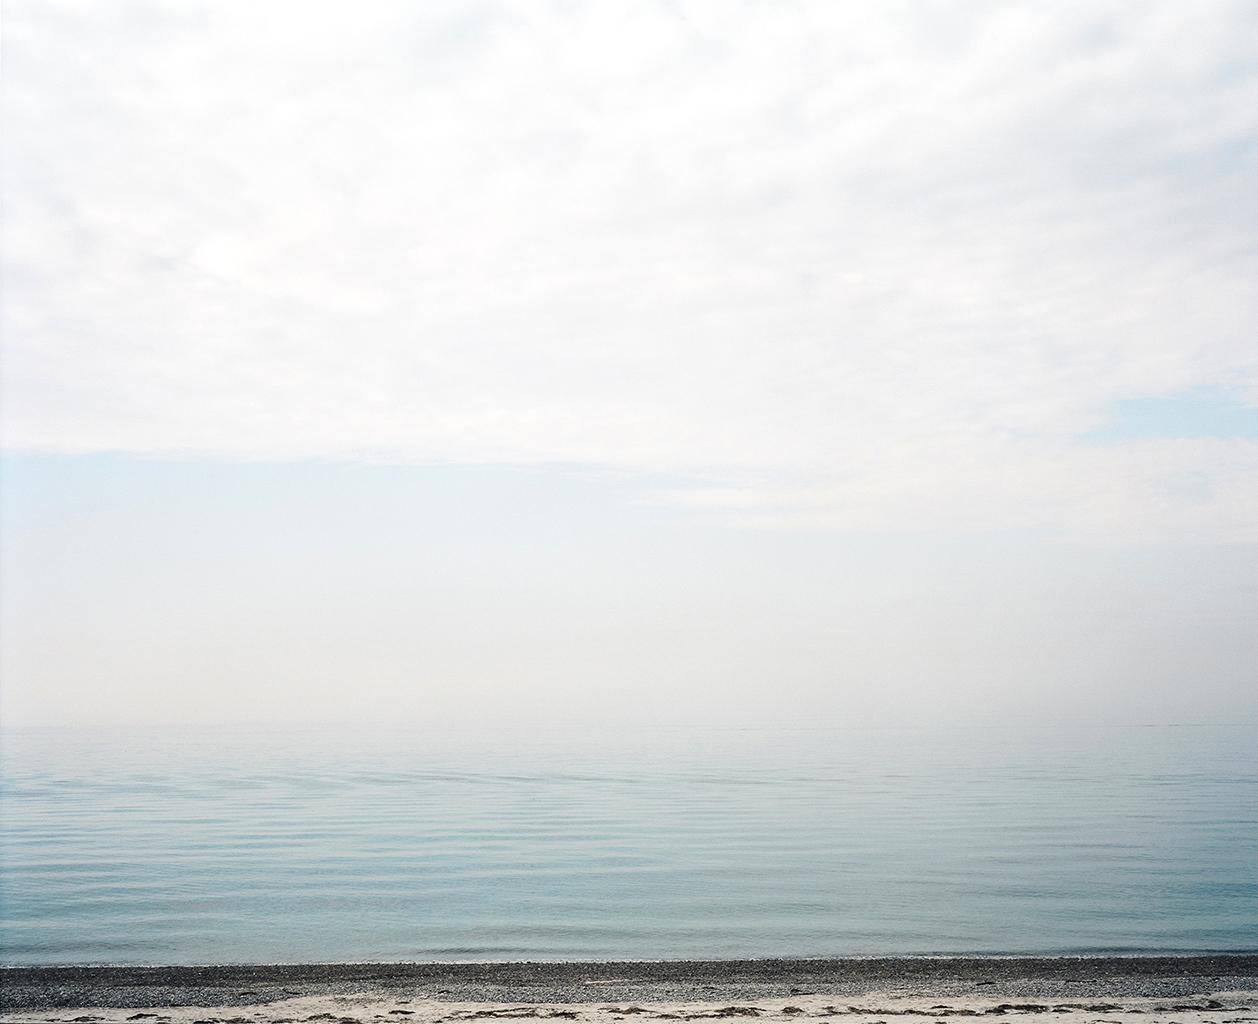 Shore View, Sandwich, 2014